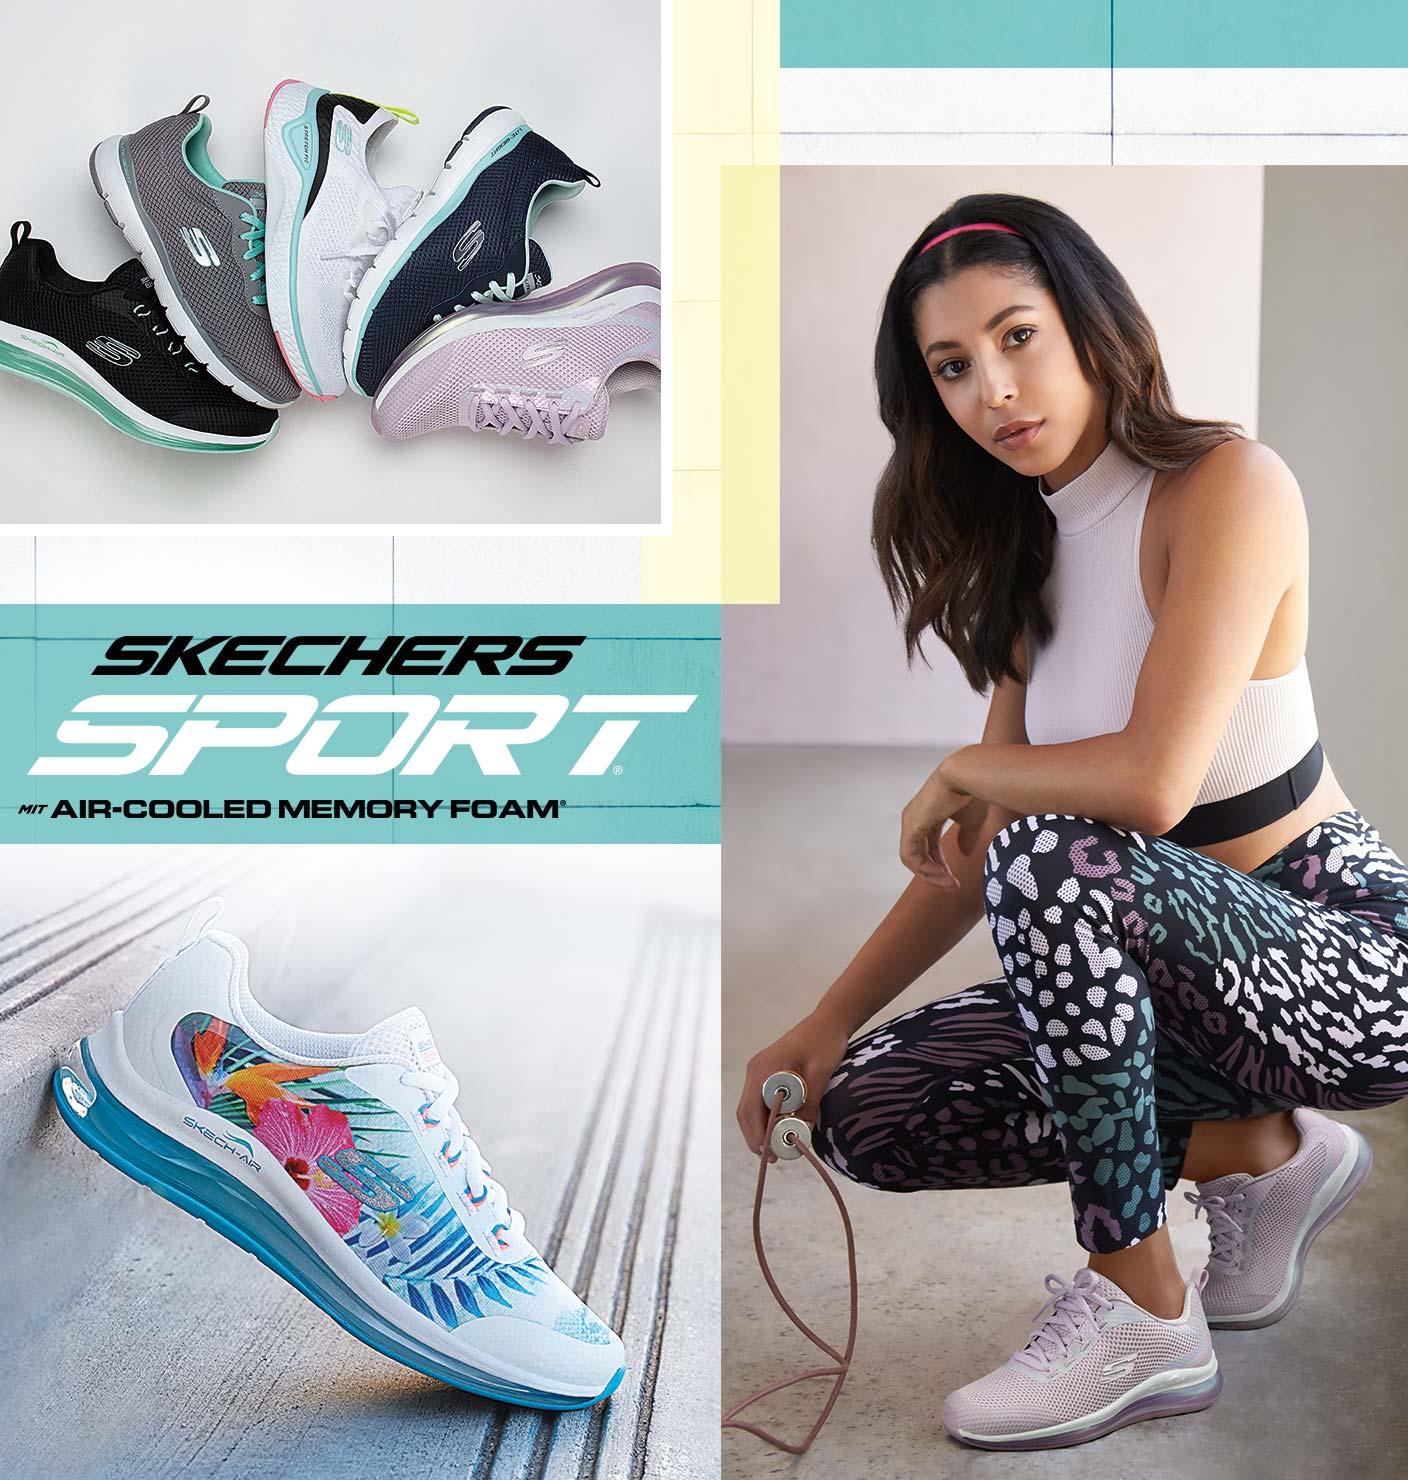 Skechers Online Shop Skechers 2020